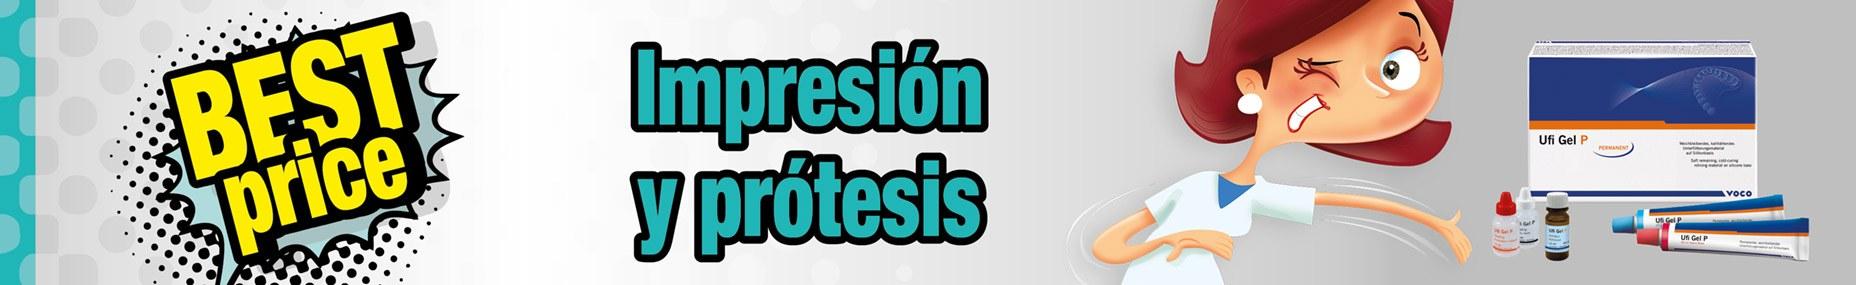 Impresión y prótesis image